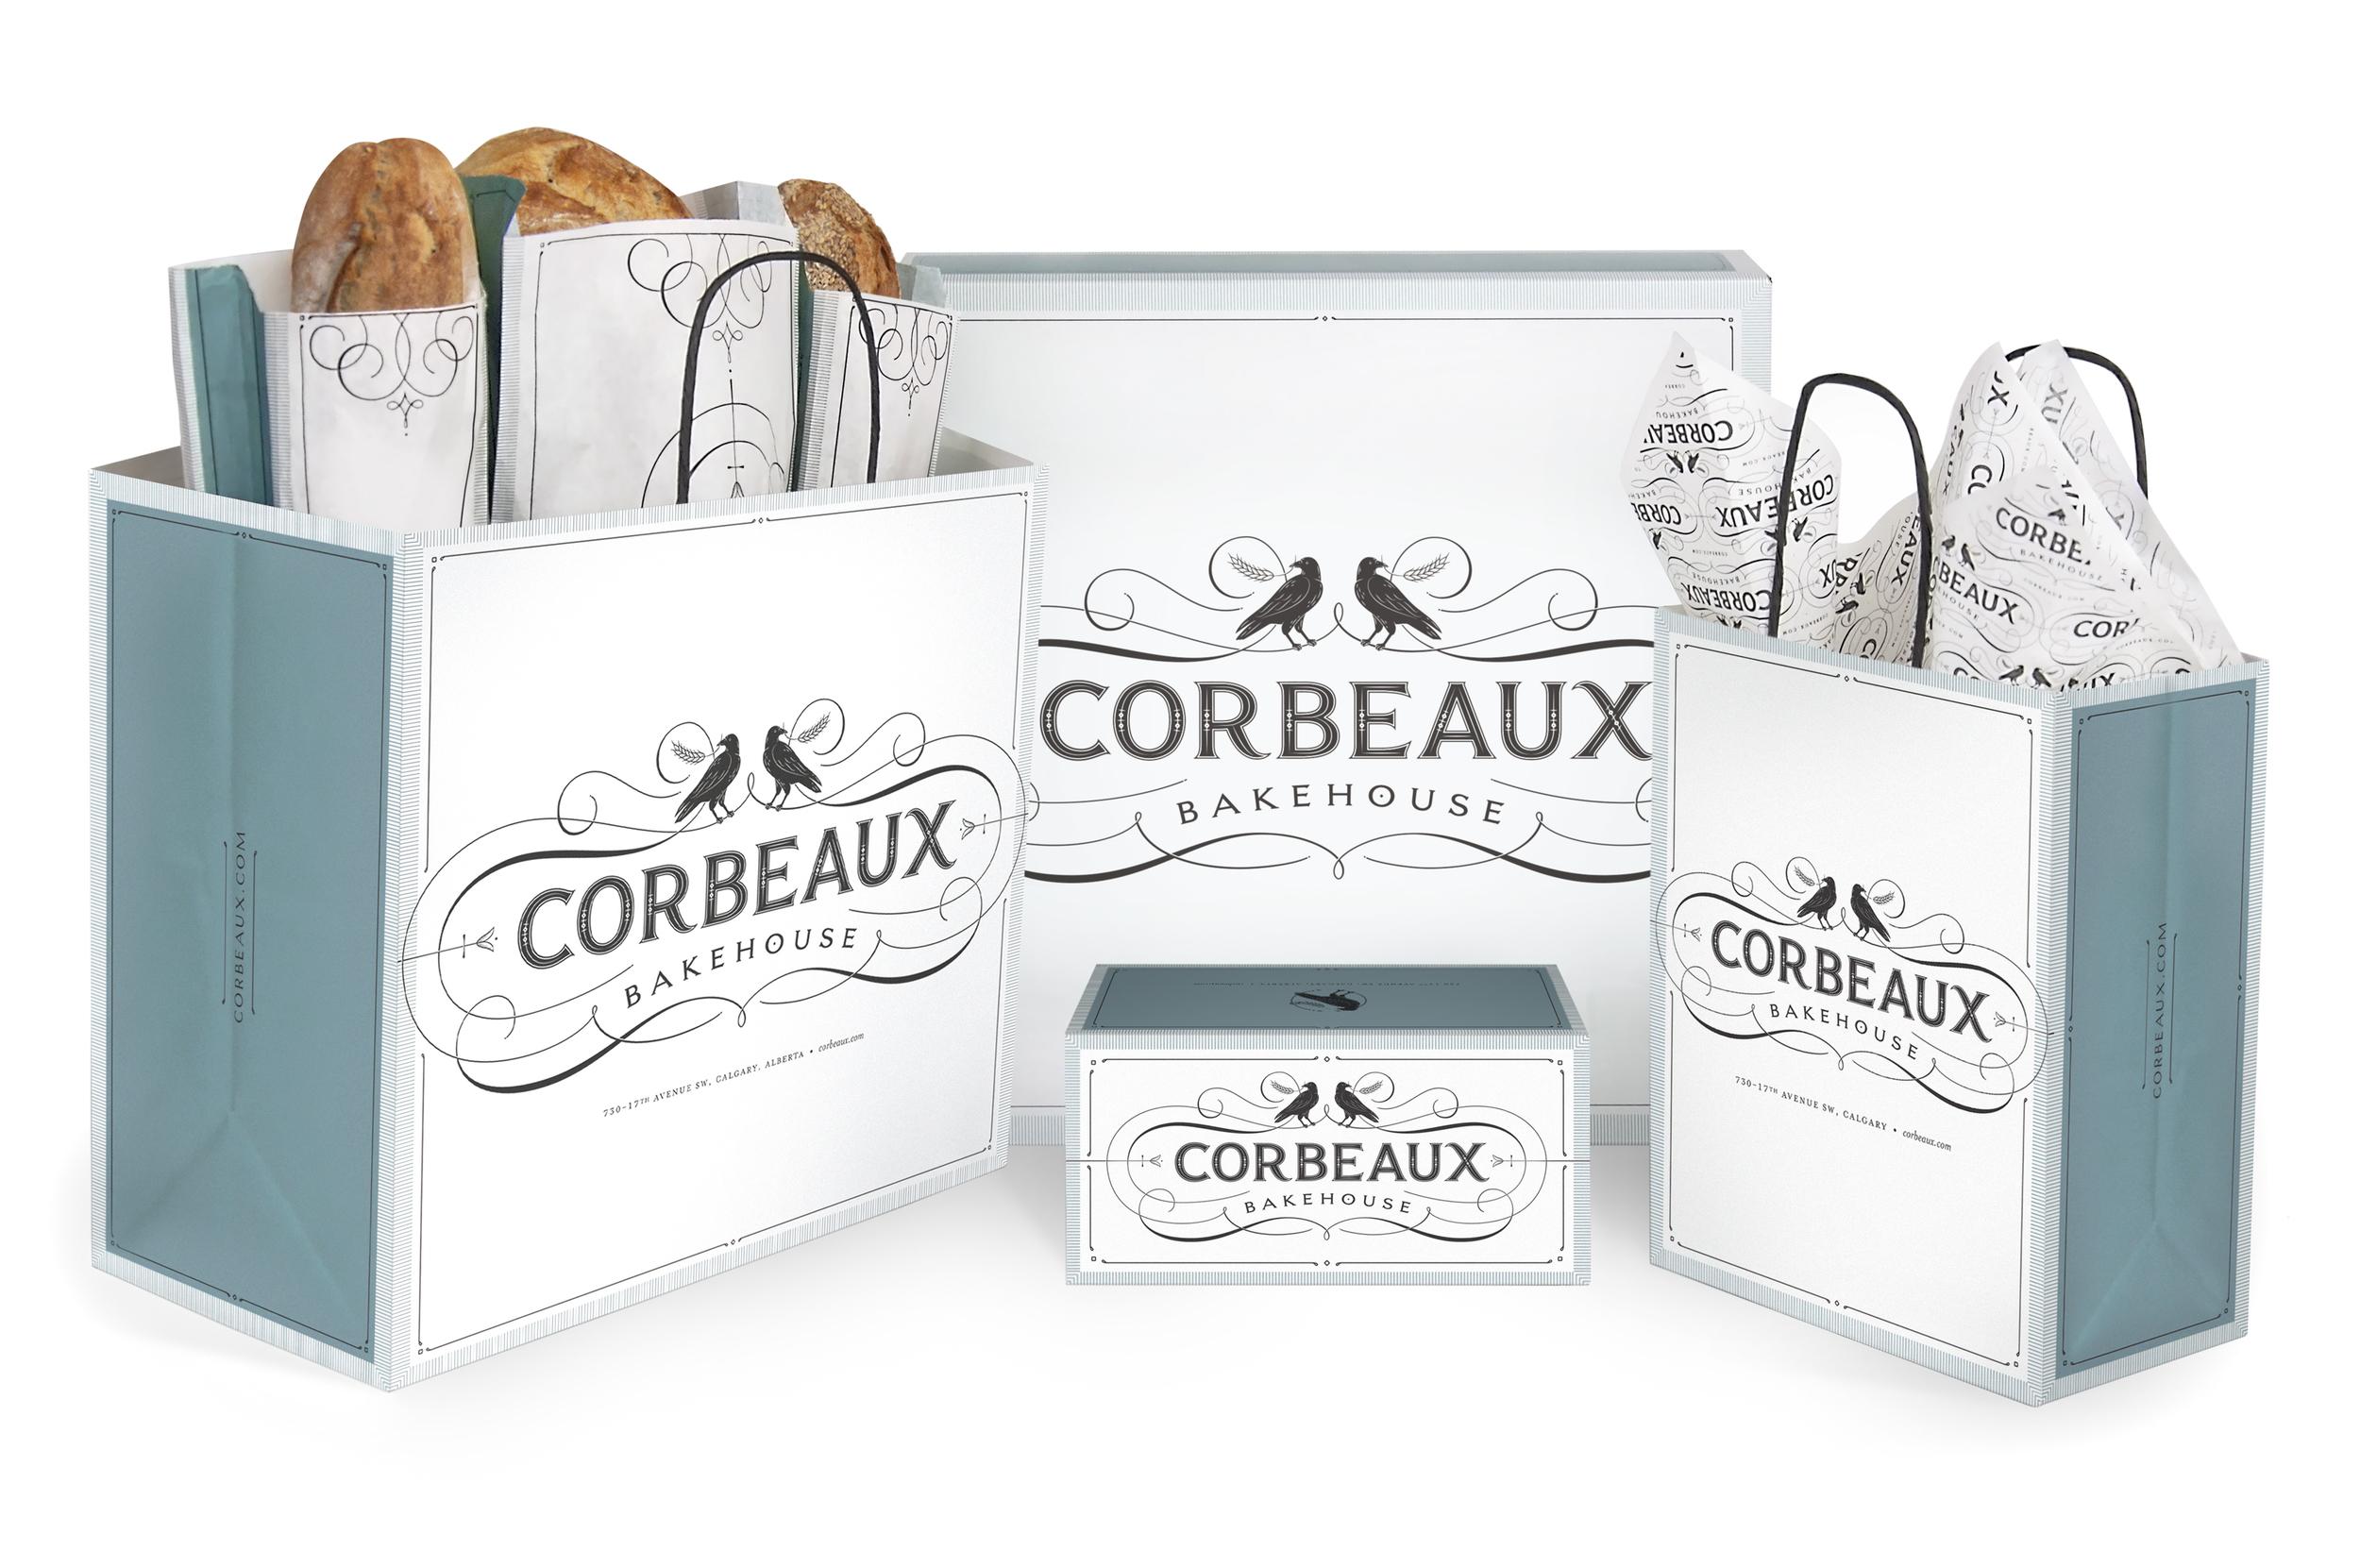 CorbeauxSlide2.jpg